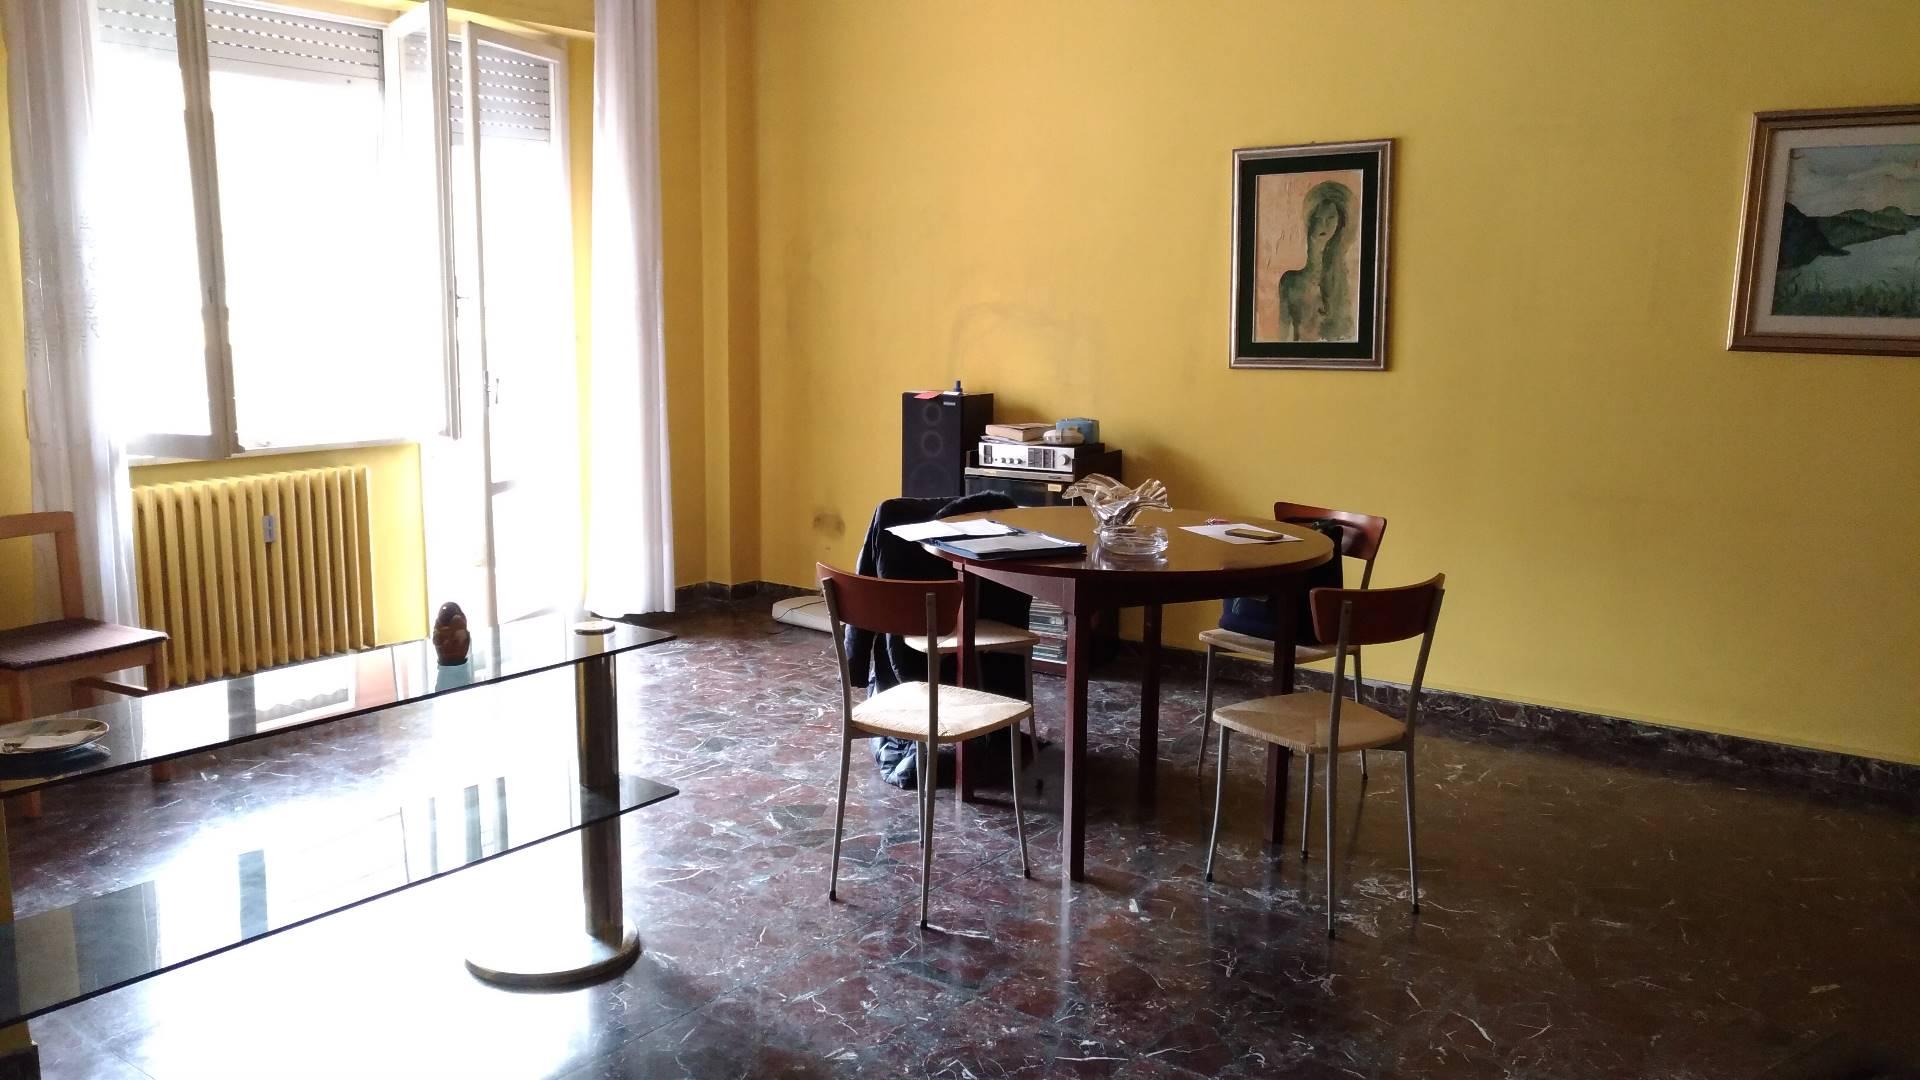 Appartamento in affitto a Ancona, 5 locali, zona Località: Regione, prezzo € 600 | Cambio Casa.it